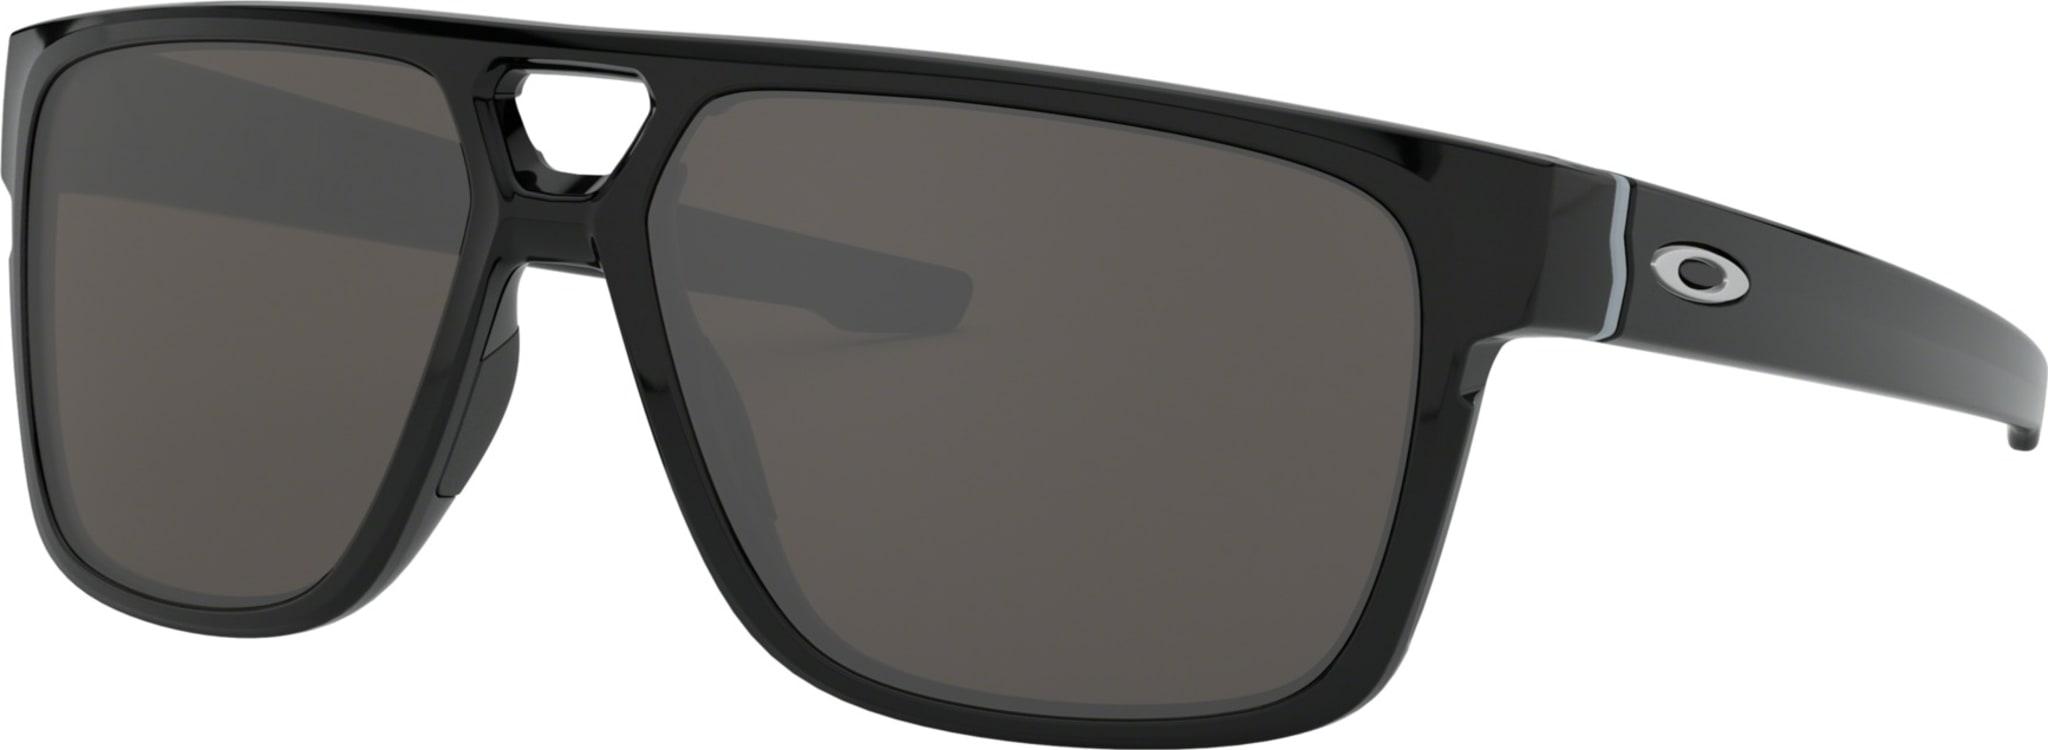 Allsidig brille som kan tilpasses bruket